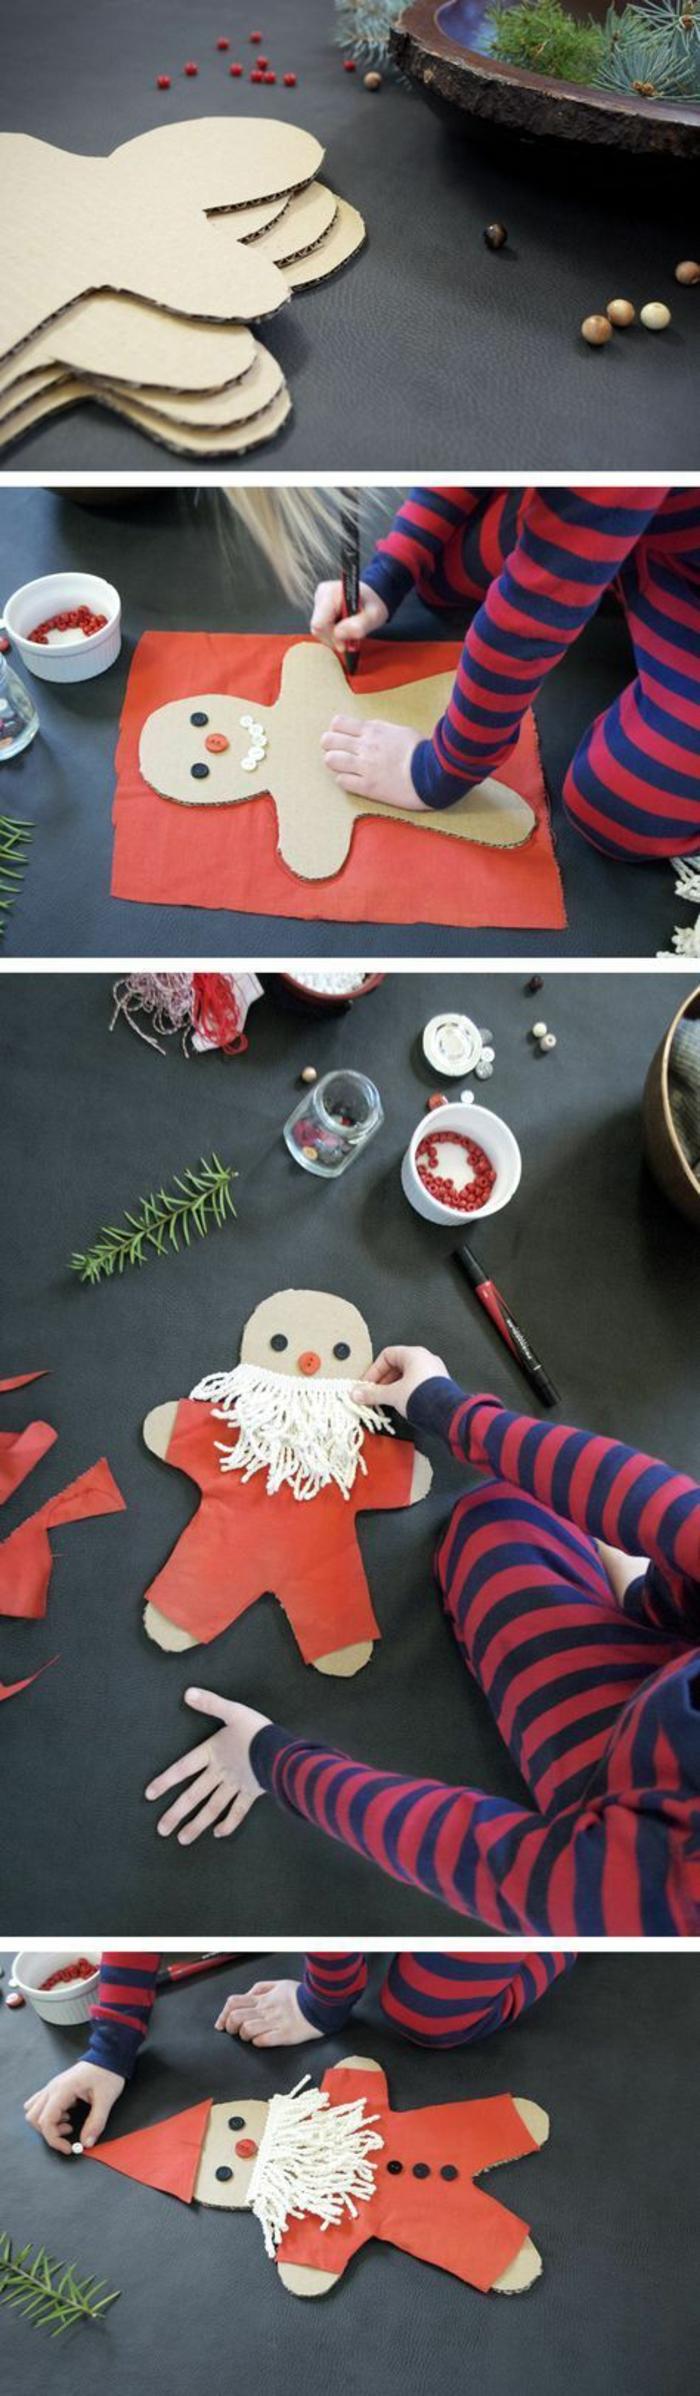 deco de noel a faire soi meme, Père Noël, découpé en carton, avec du papier rouge et barbe en coton, projet pour occuper les enfants autour des fêtes de fin d'année